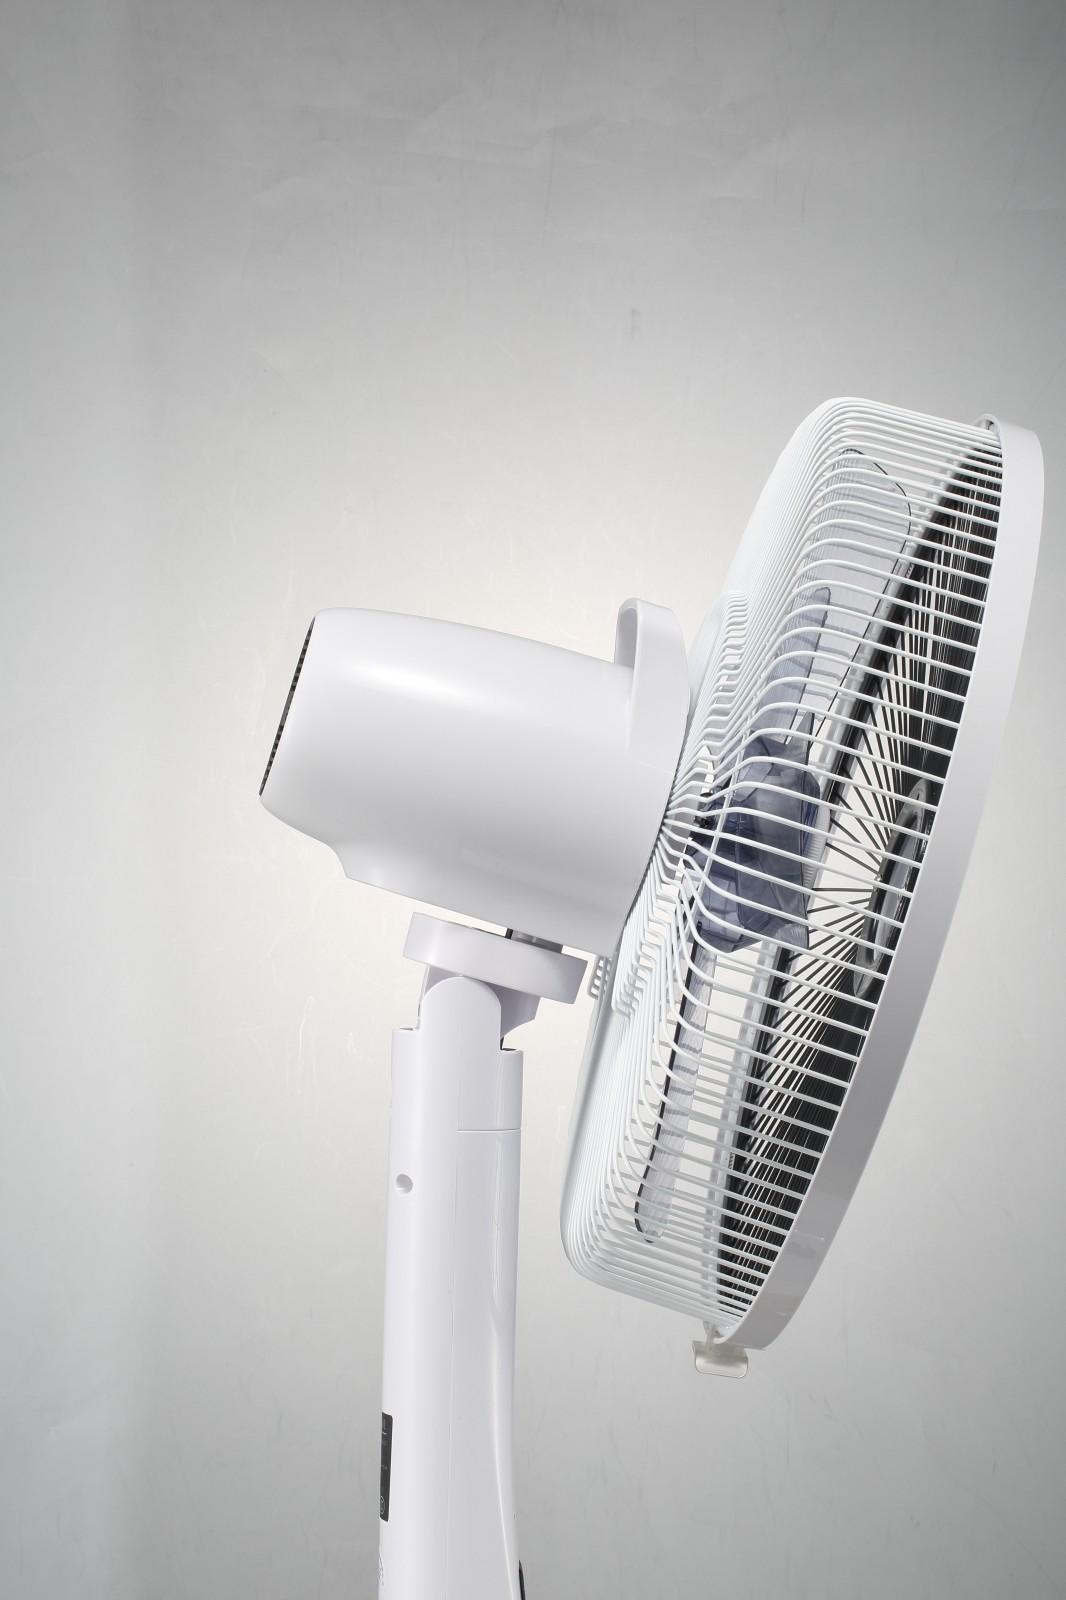 DEKO Low Energy Battery Operated Floor Fan Silence Stratos